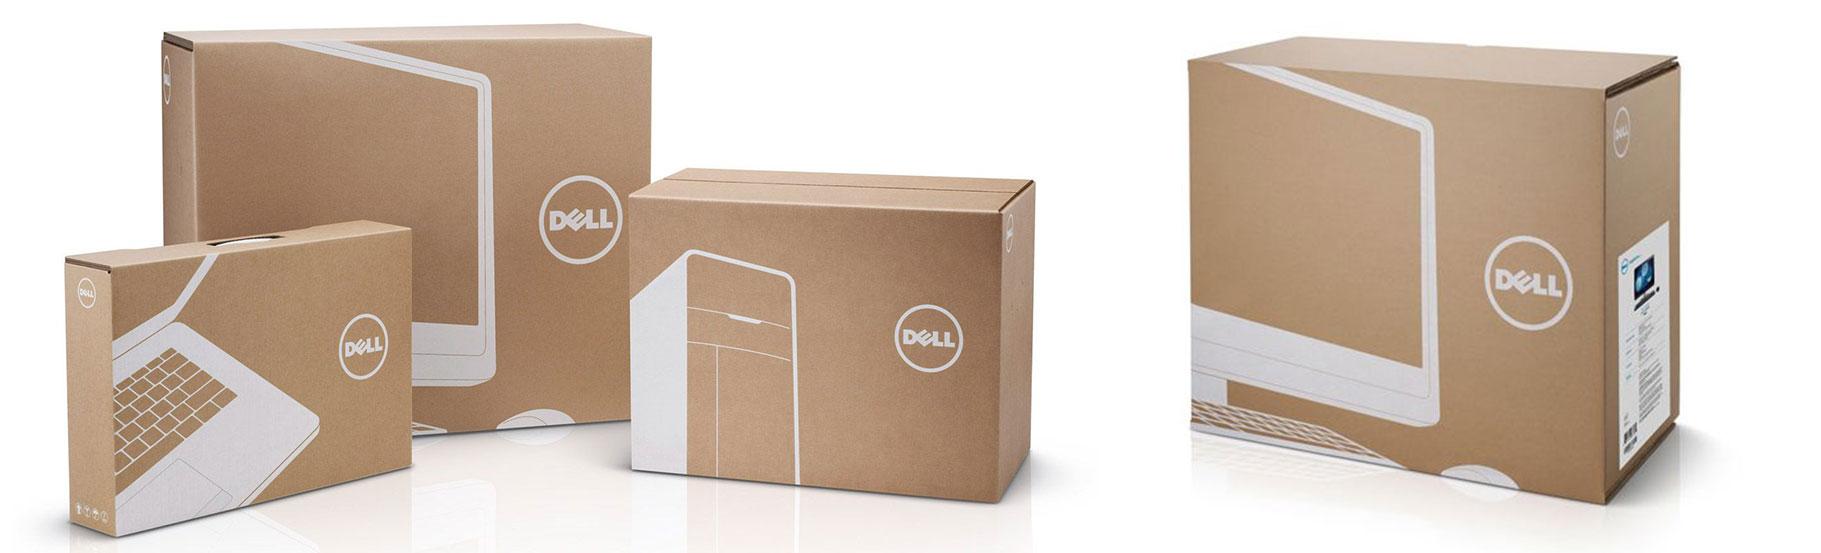 Kutije sa slikom dell računara